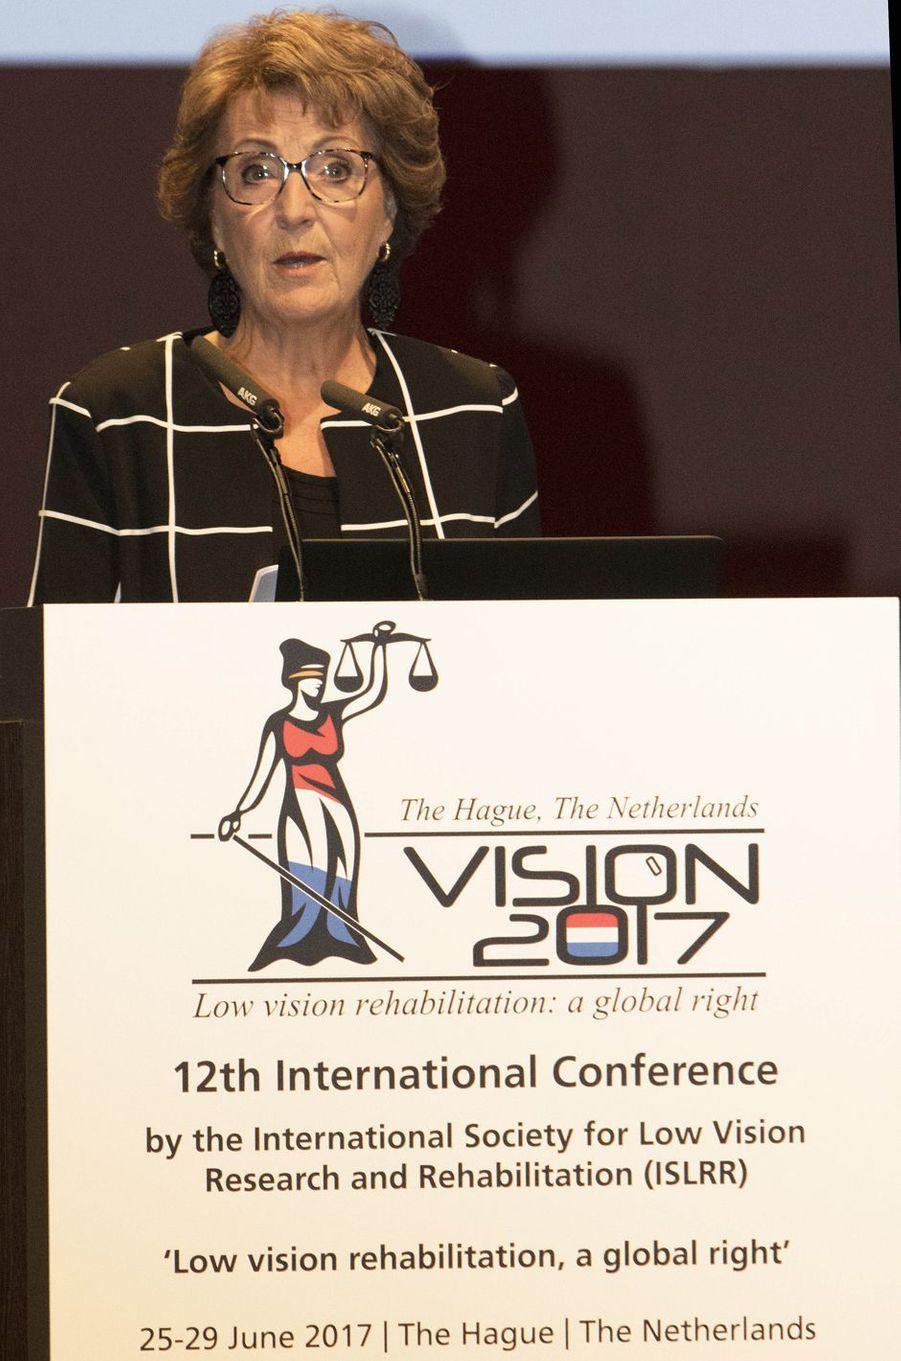 La princesse Margriet des Pays-Bas au congrès international Vision 2017 à La Haye, le 26 juin 2017